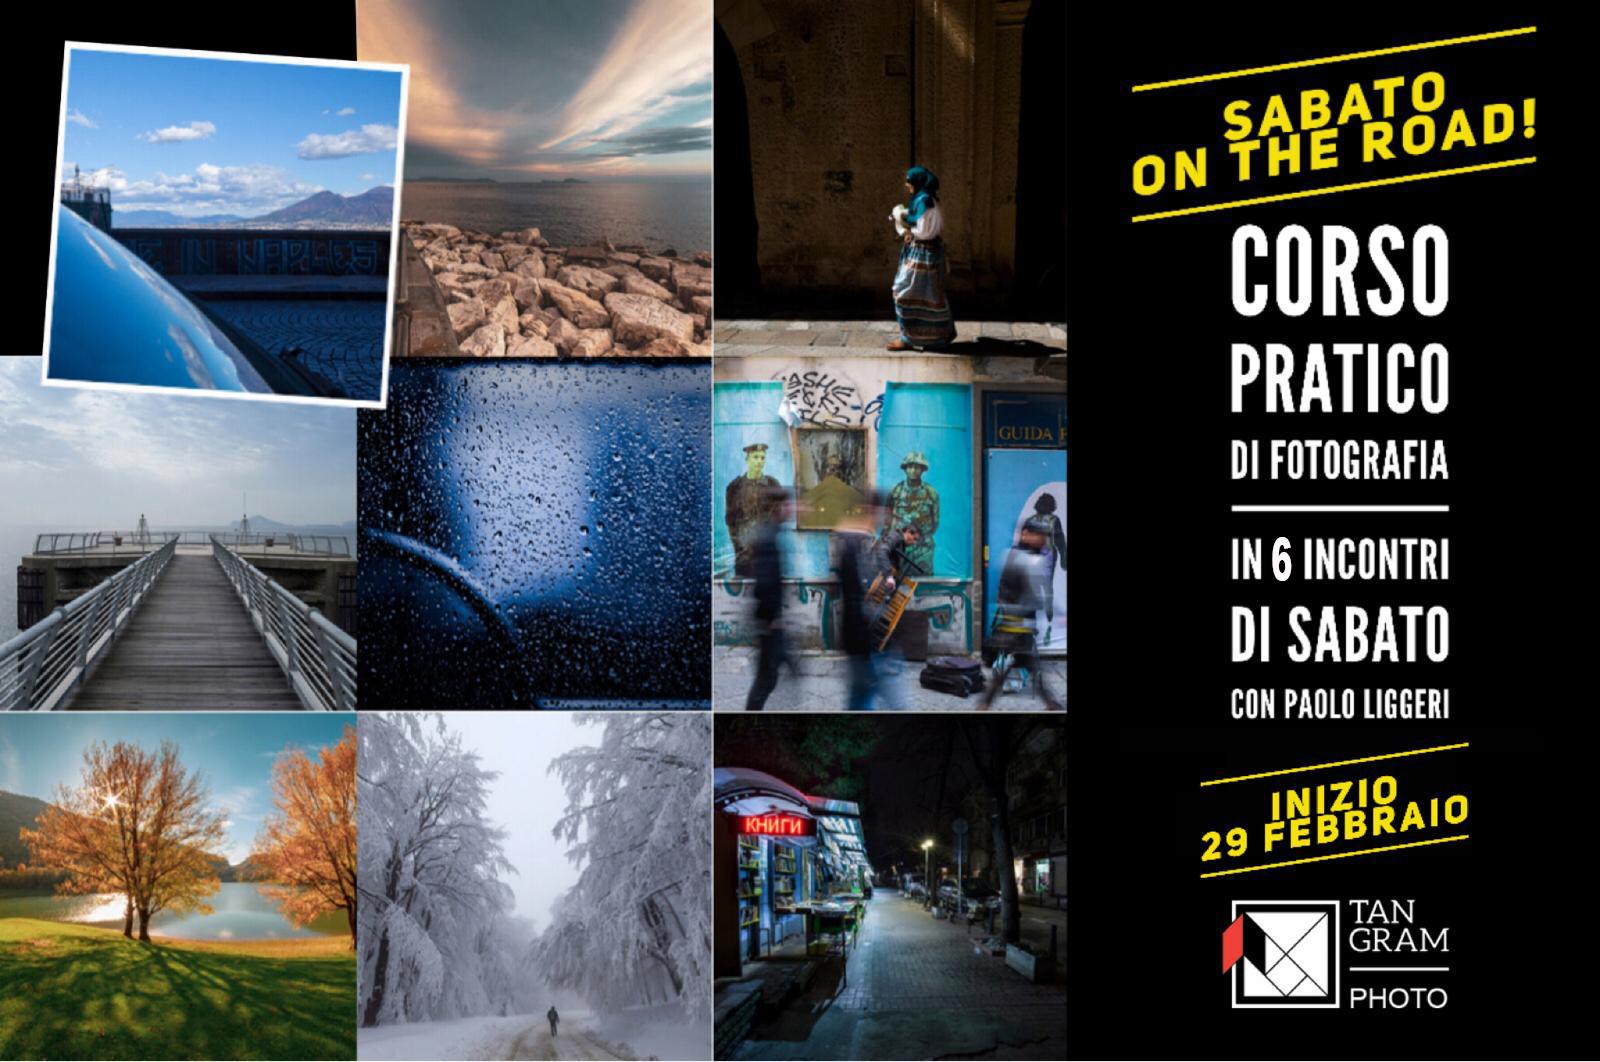 Sabato on the road - corso intermedio di fotografia